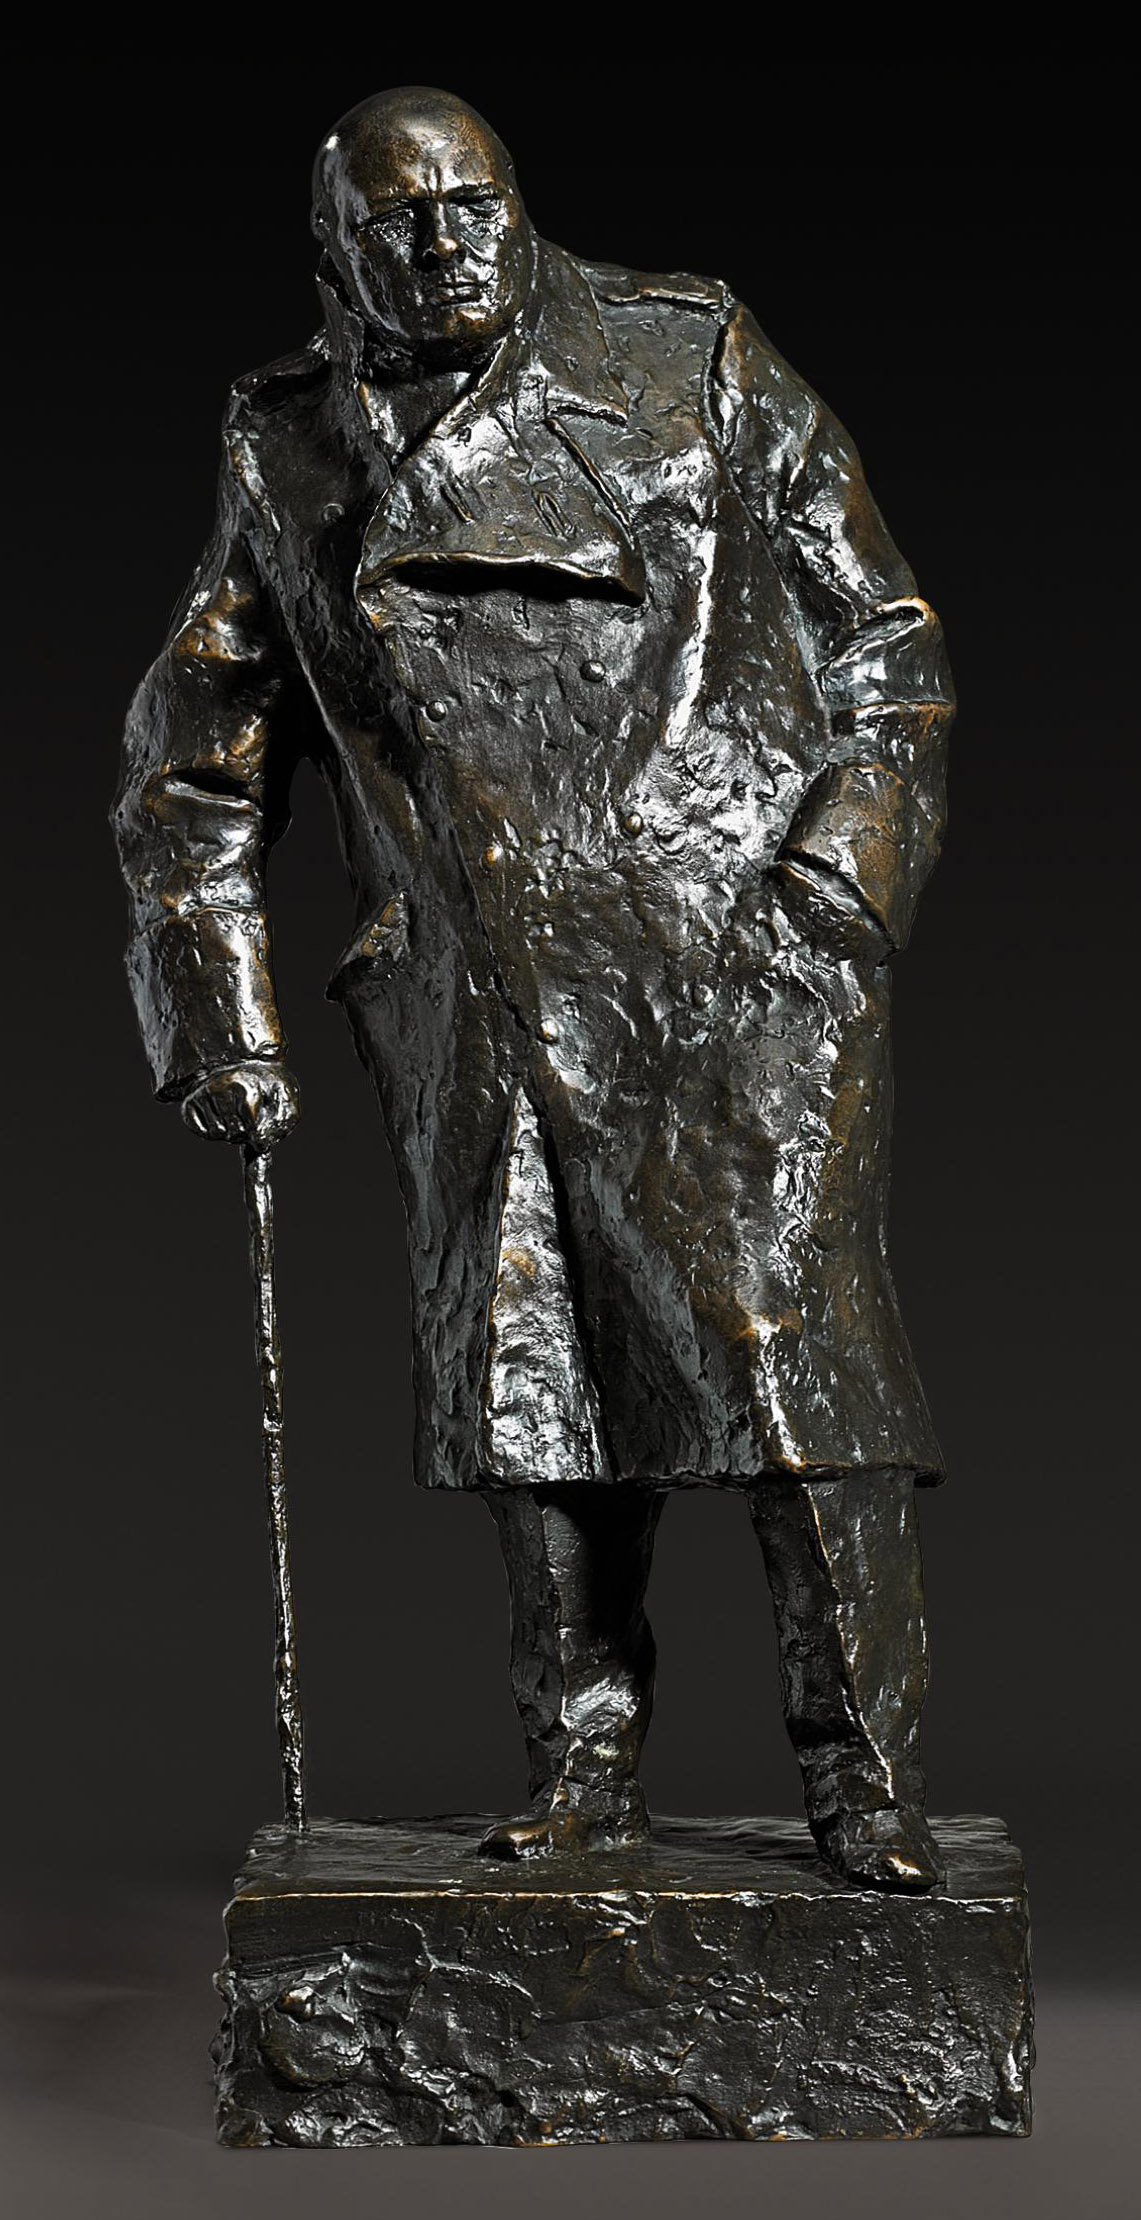 Maquette for the Winston Churchill Monument in Parliament Square